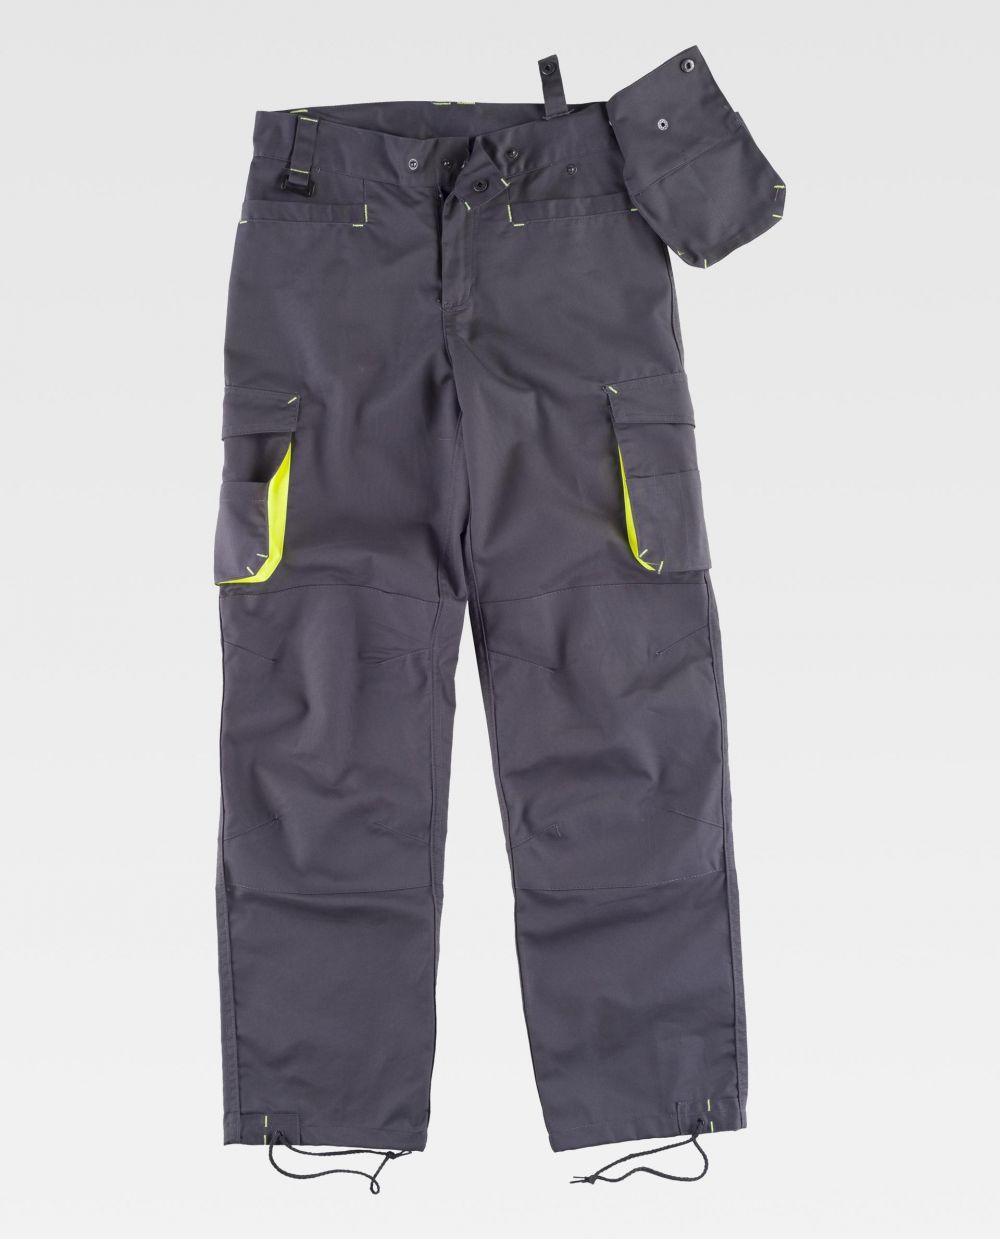 Pantalones de trabajo workteam wf1619 de poliéster con impresión vista 2